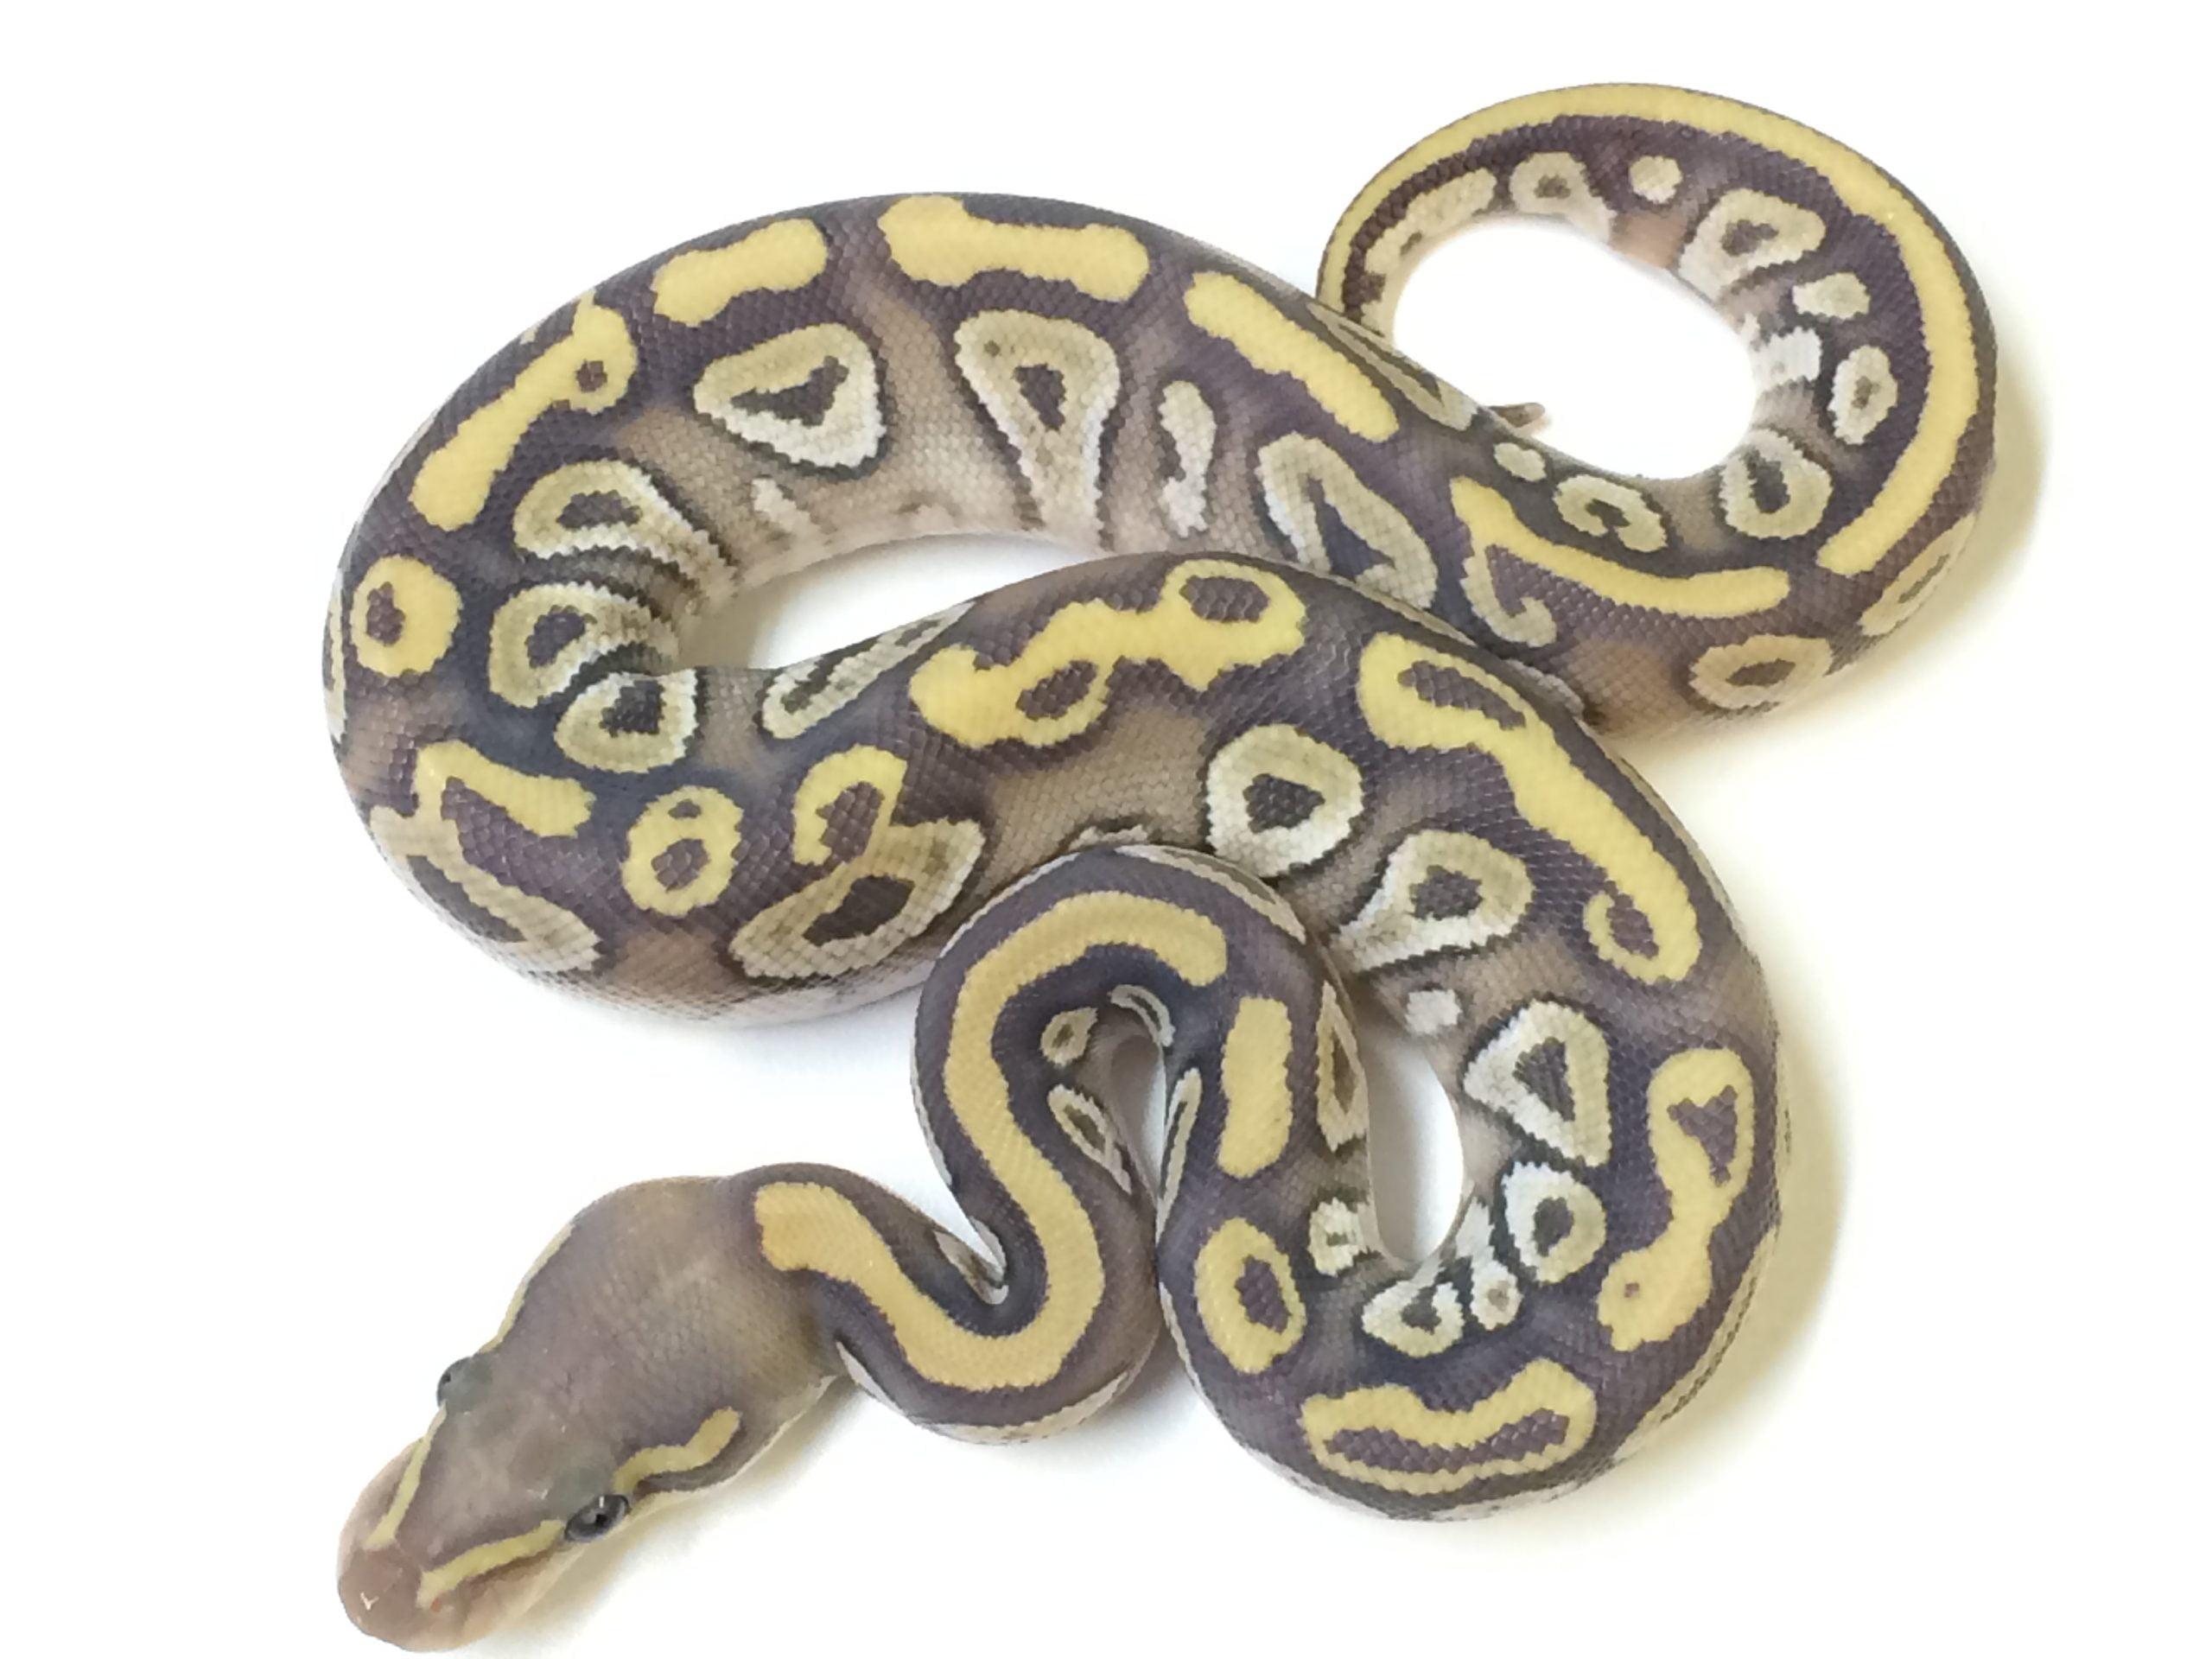 mojave ghost ball python for sale